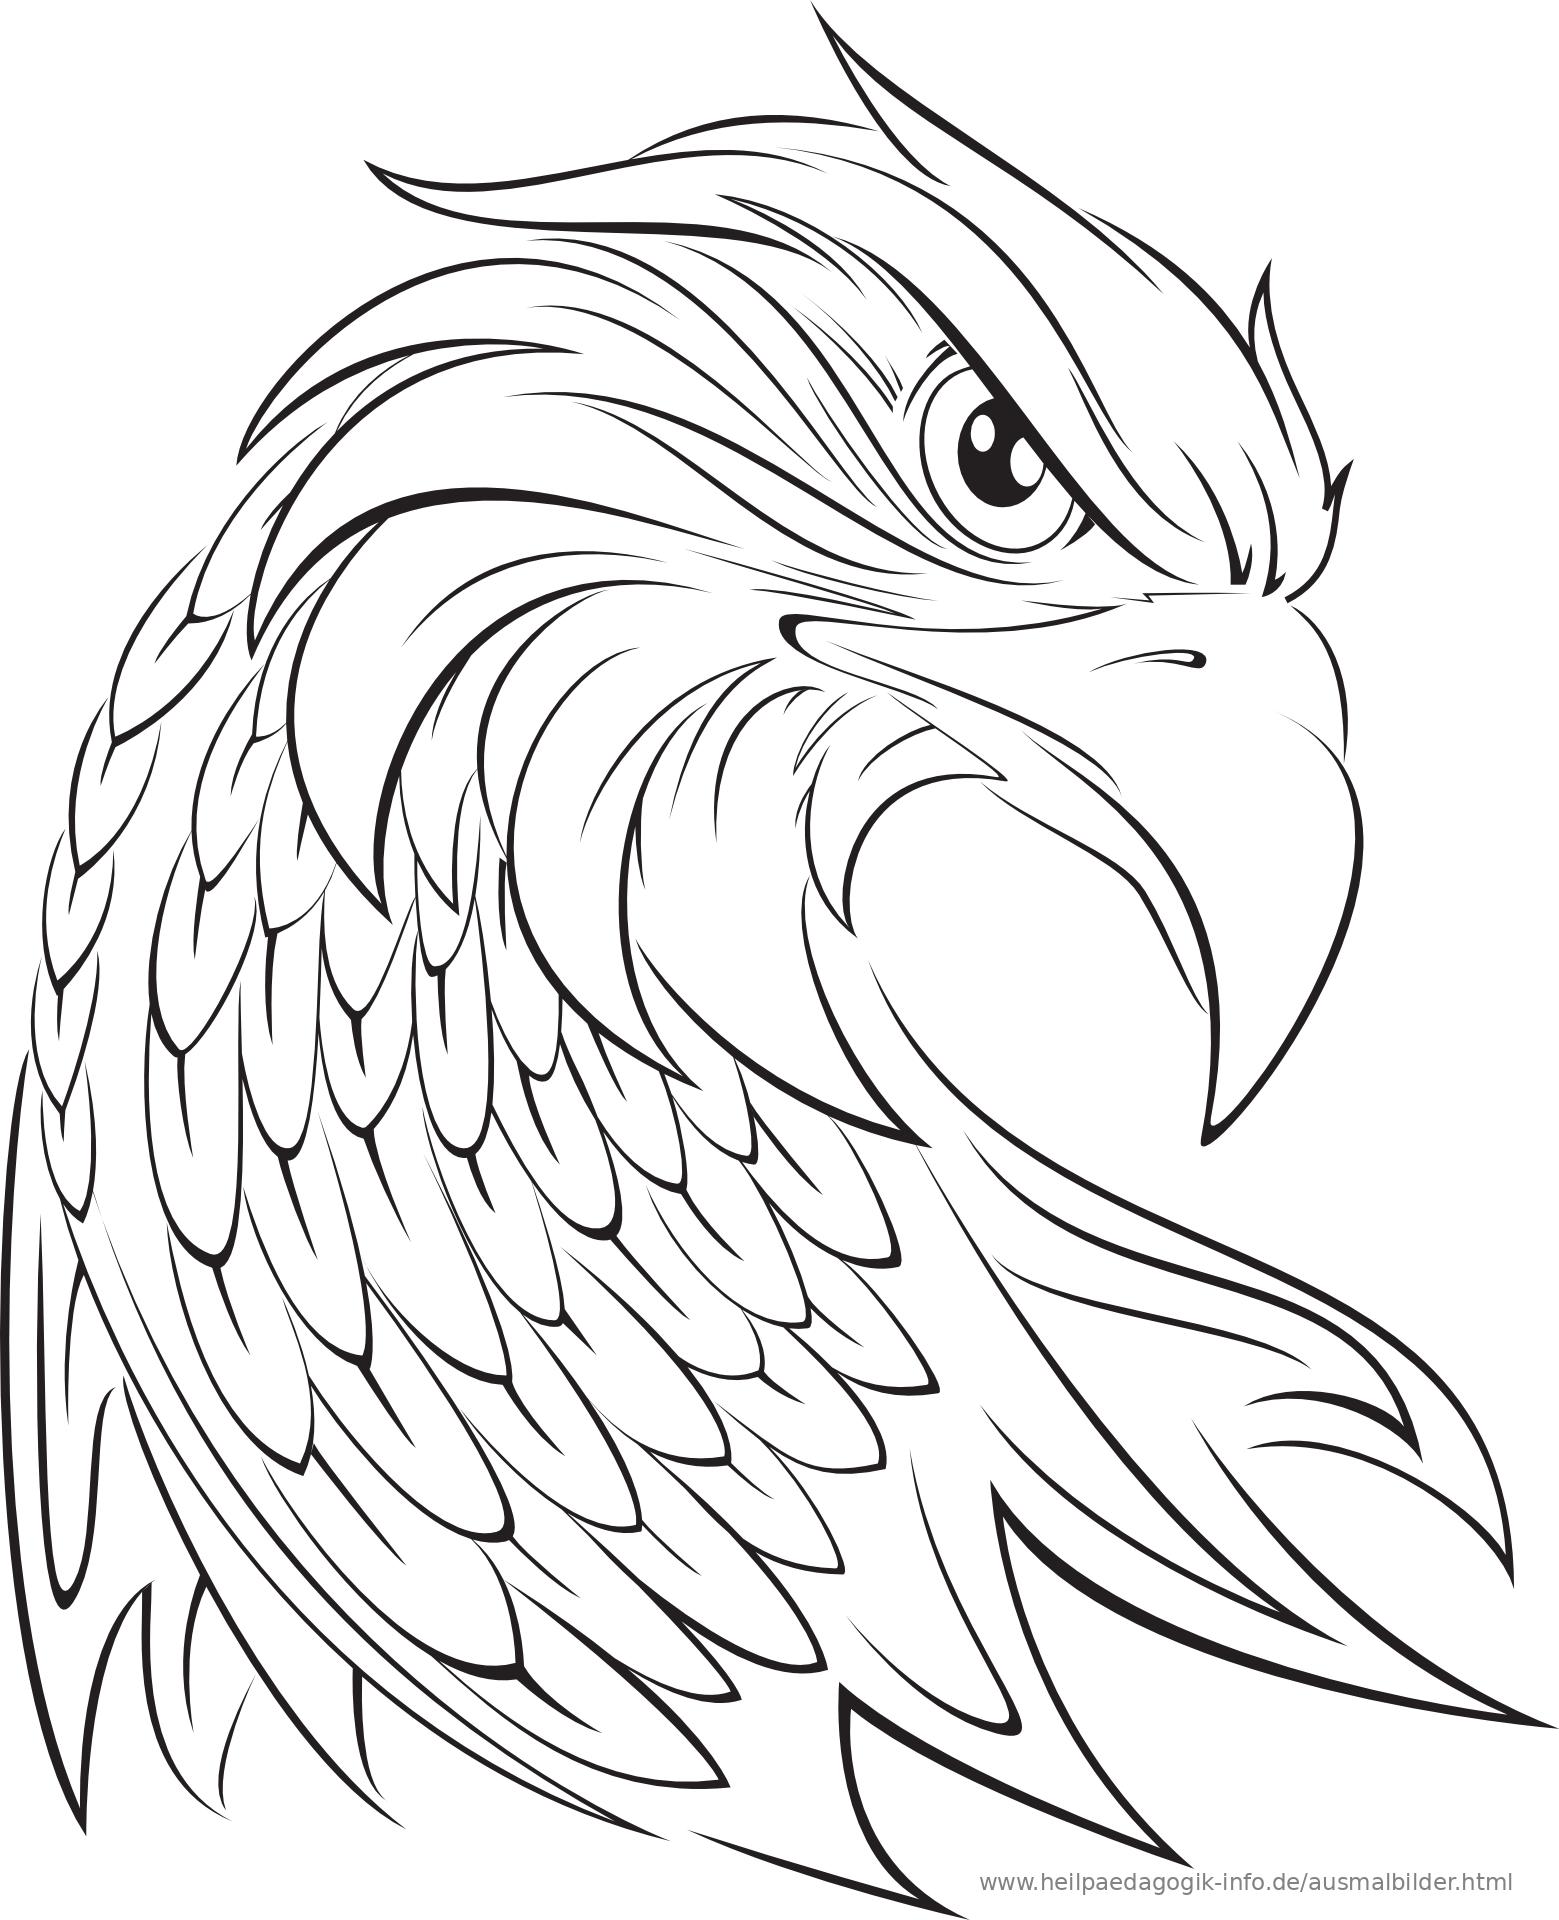 Ausmalbilder Adler &187 Zum Ausdrucken